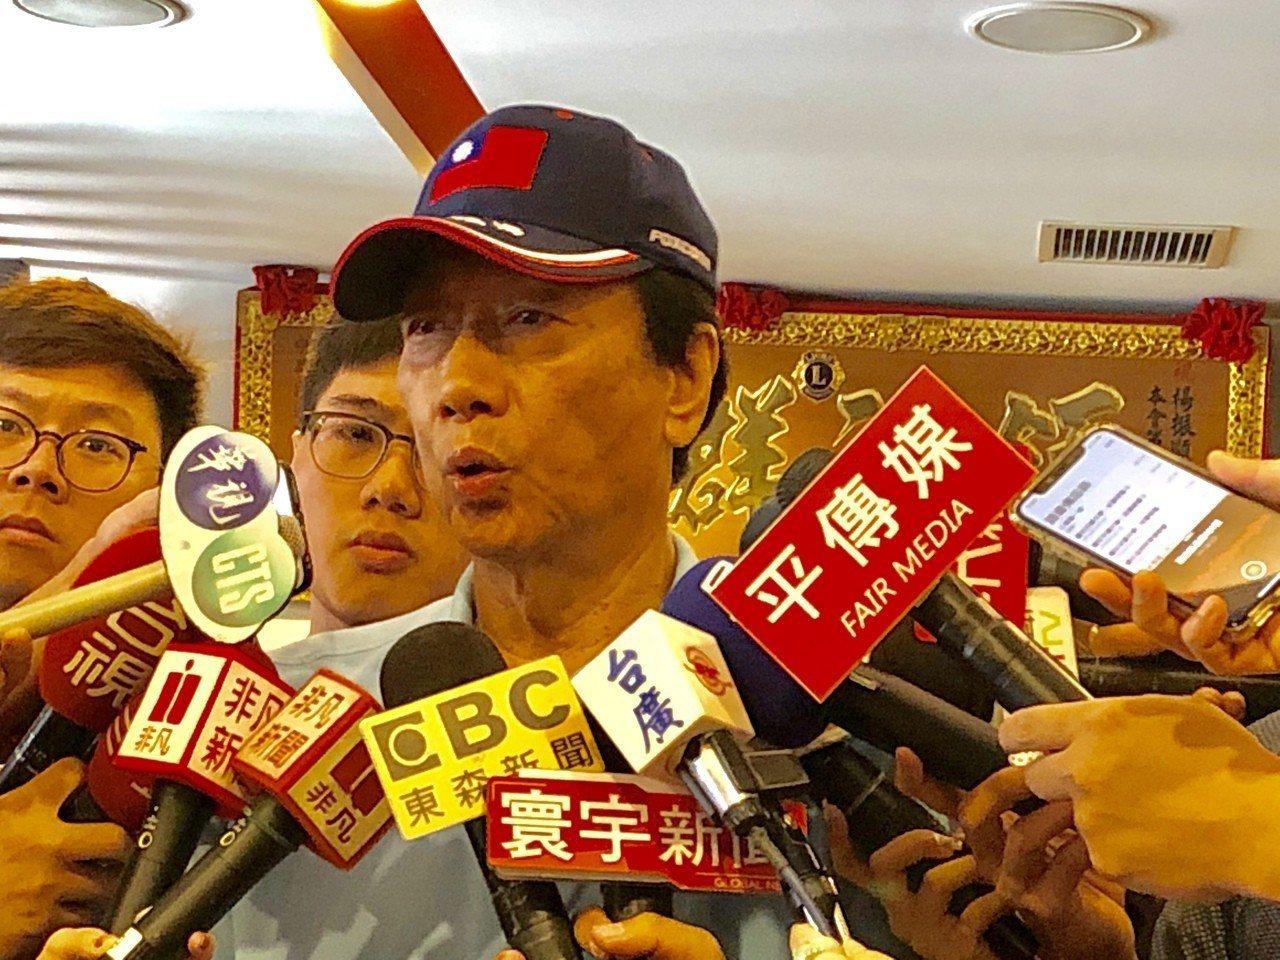 鴻海董事長郭台銘表示:「我已經淡出鴻海了!」下午將在台中與中小企業主座談,因此不...